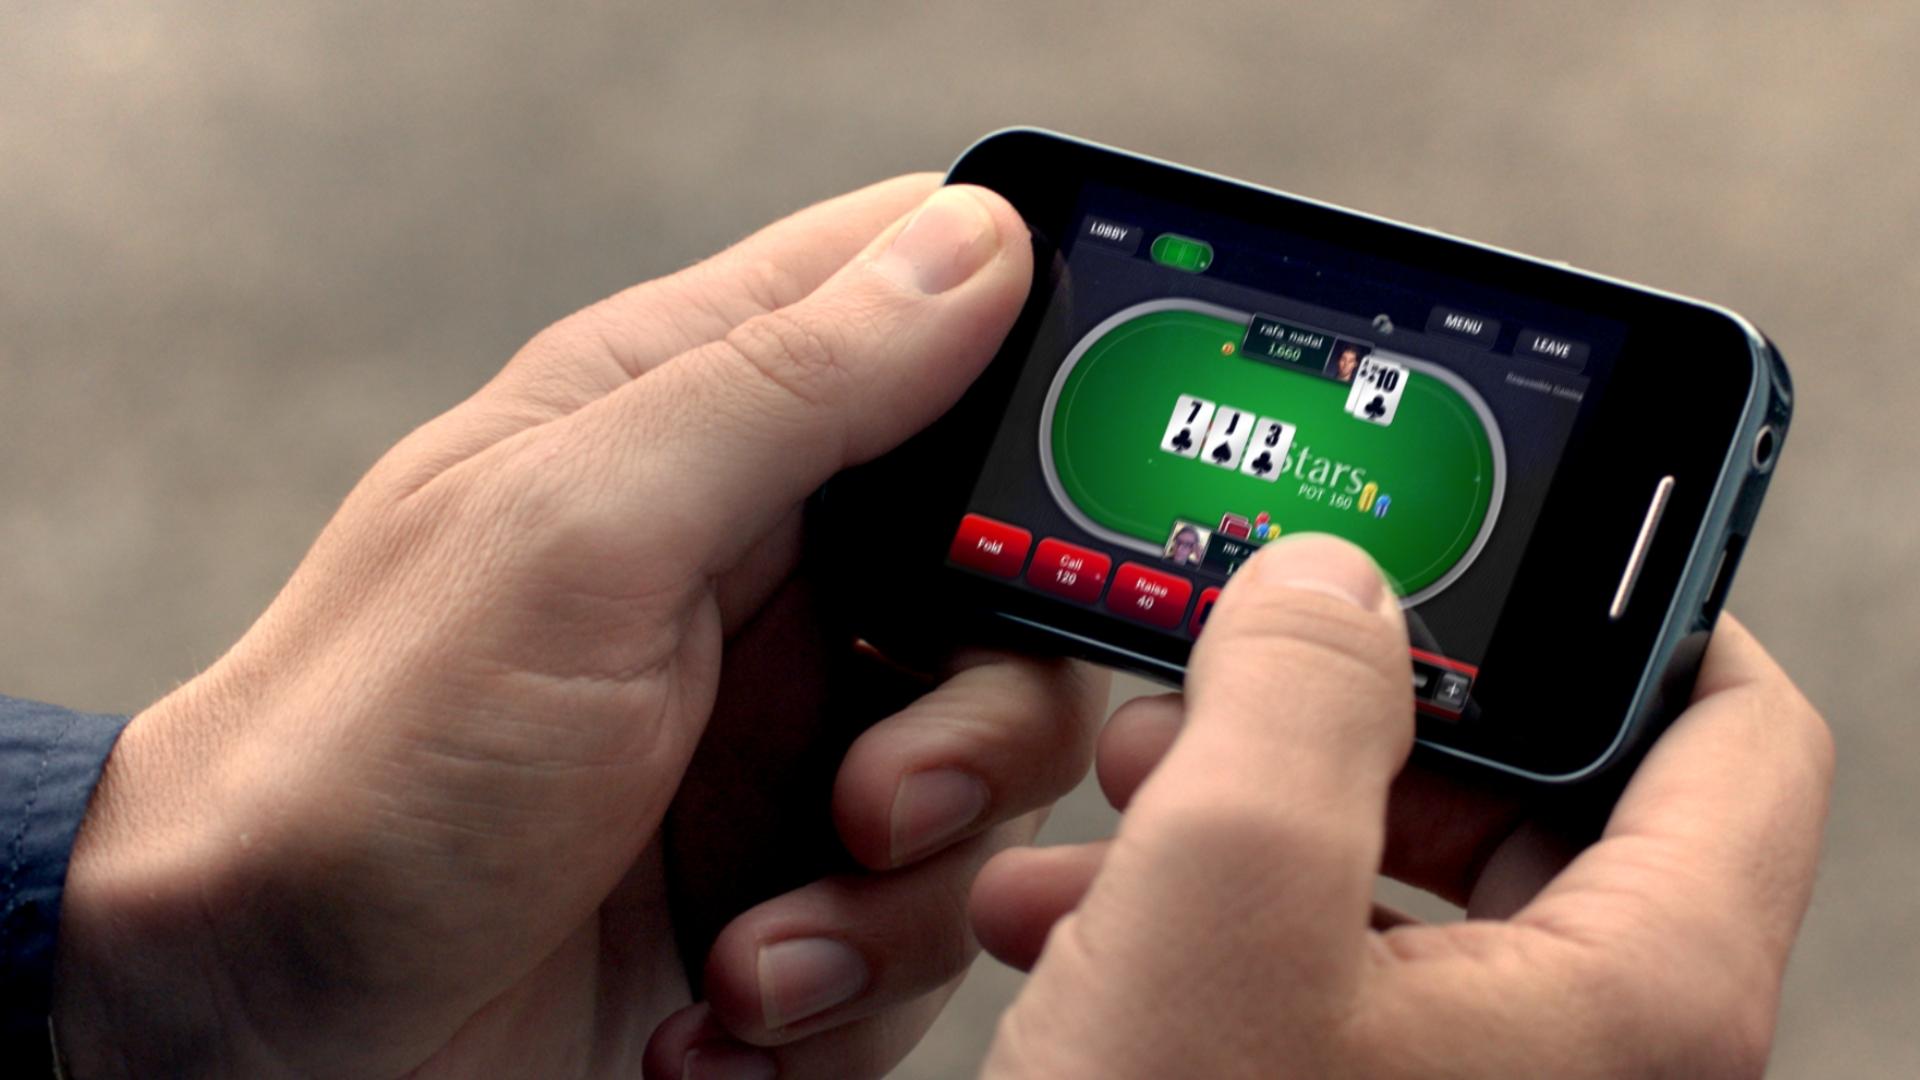 pokerstars mobile